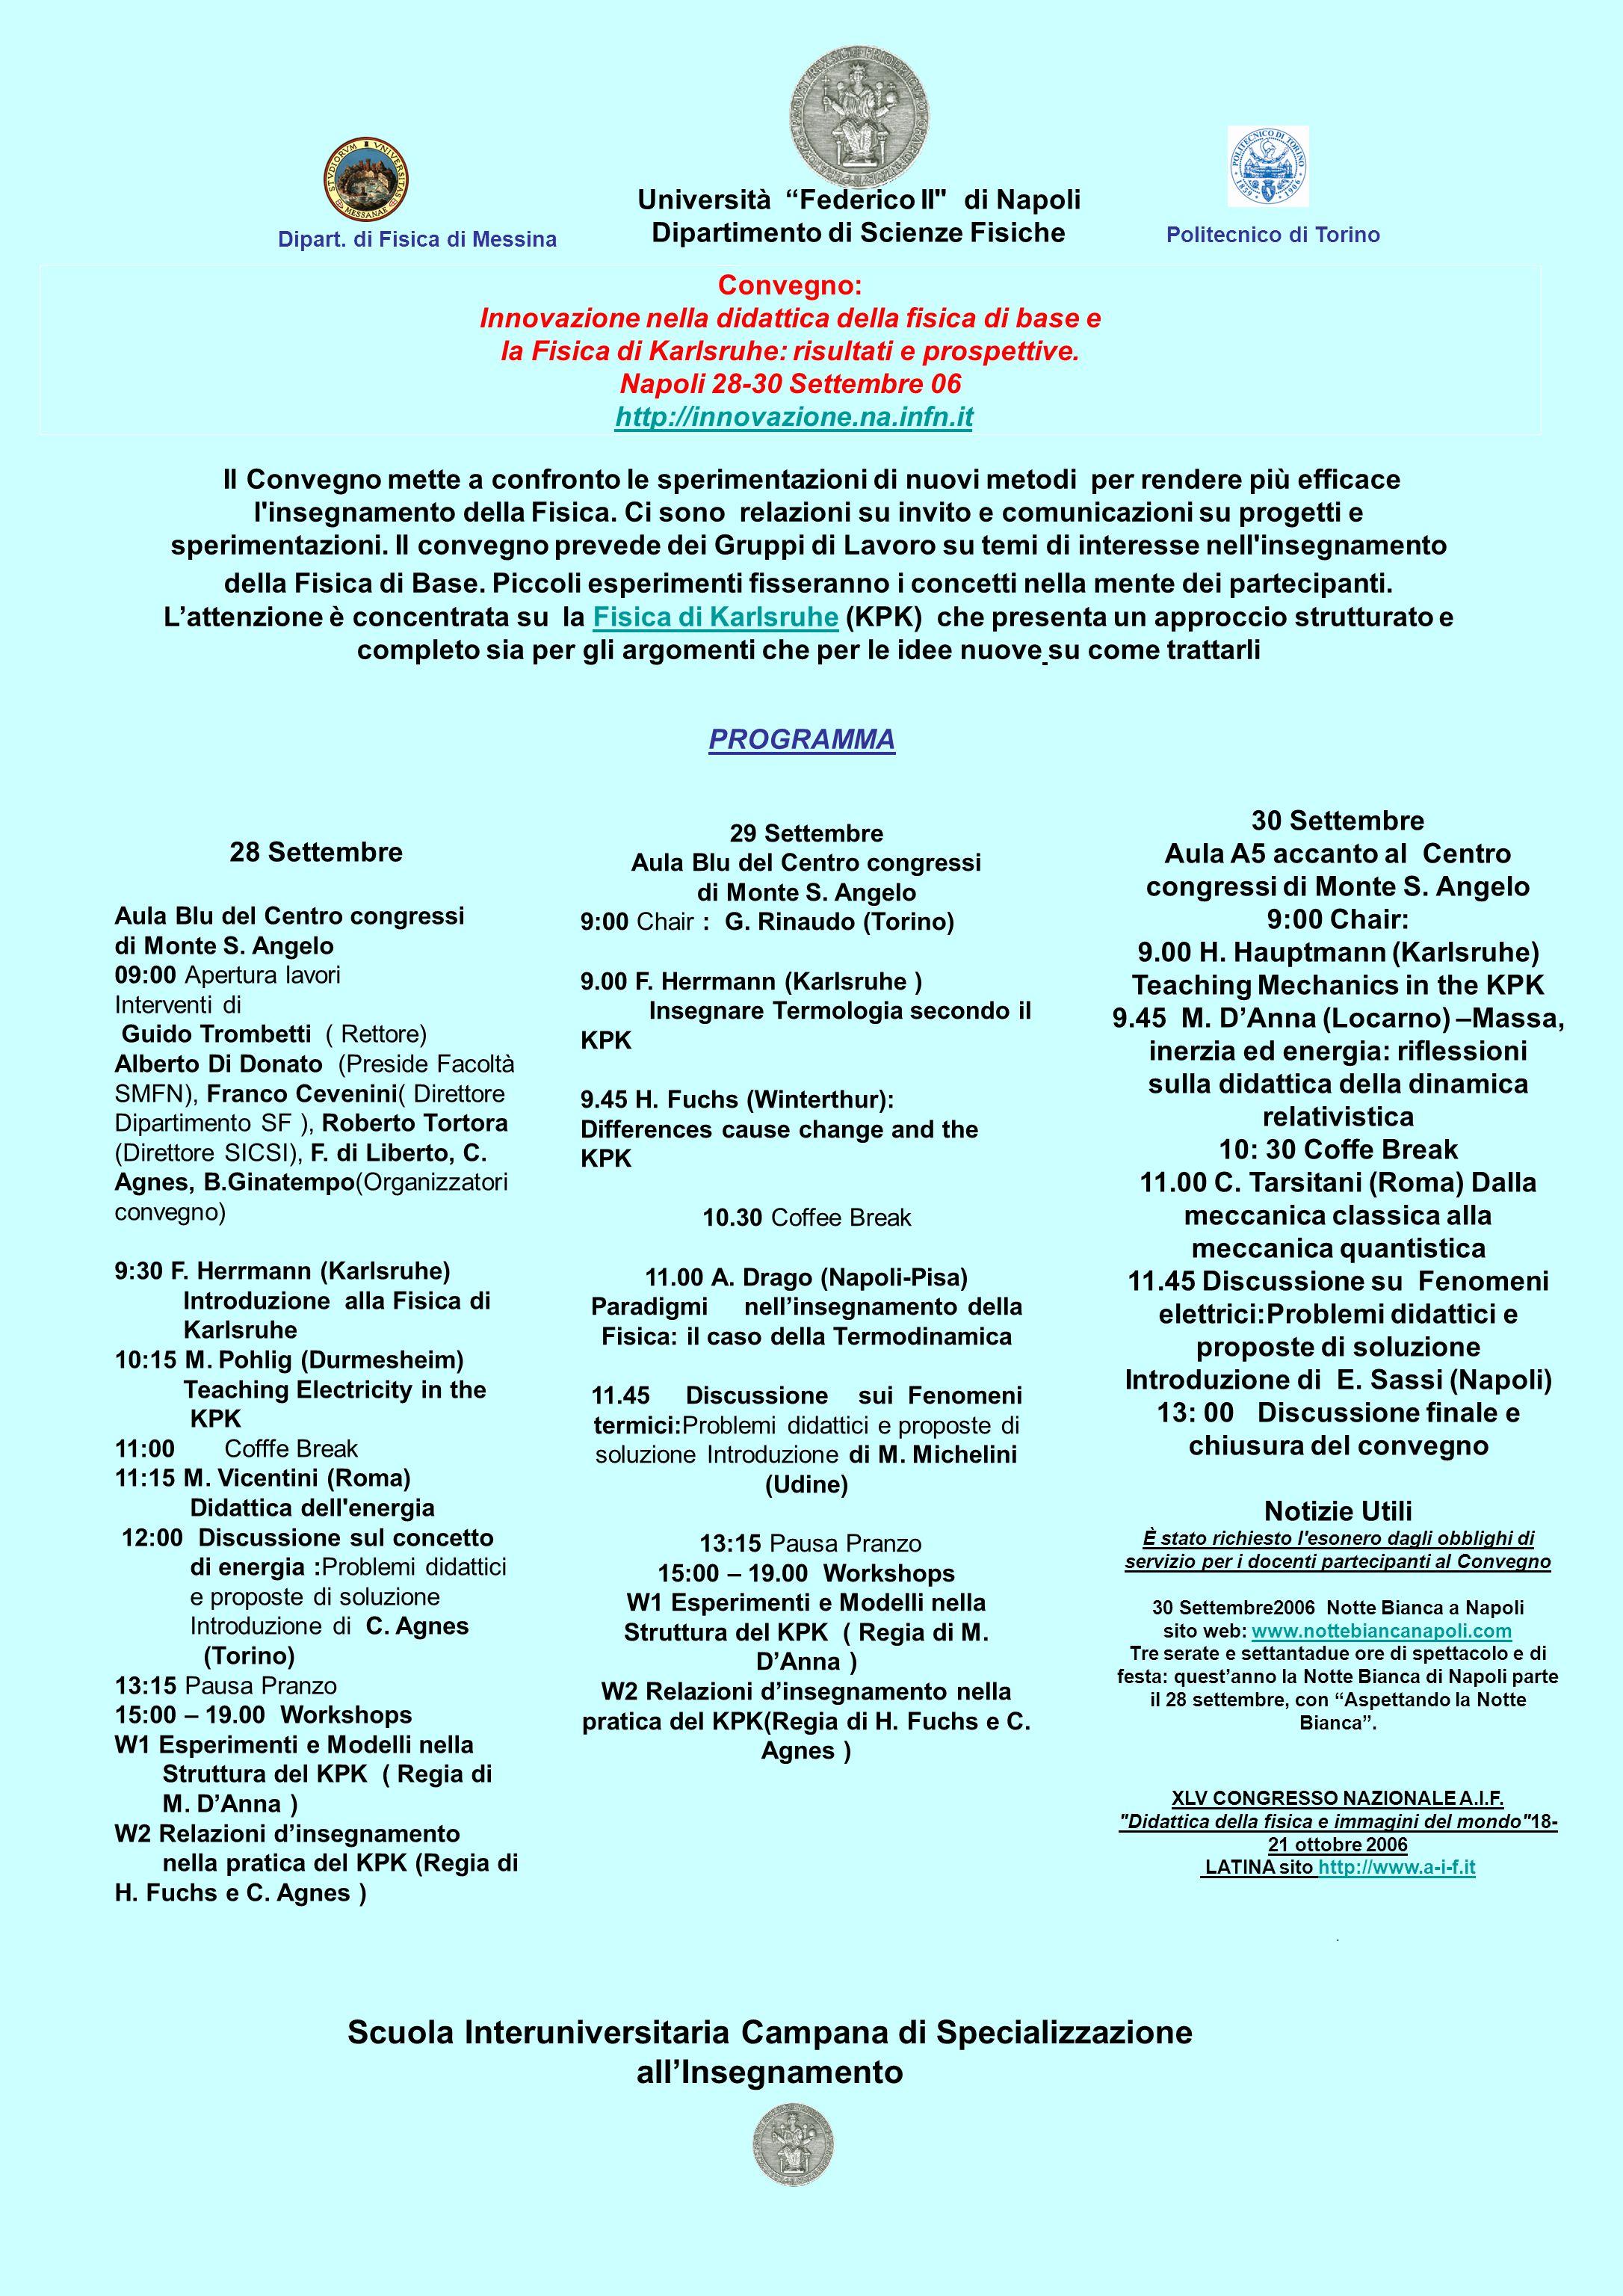 Convegno: Innovazione nella didattica della fisica di base e la Fisica di Karlsruhe: risultati e prospettive. Napoli 28-30 Settembre 06 http://innovaz